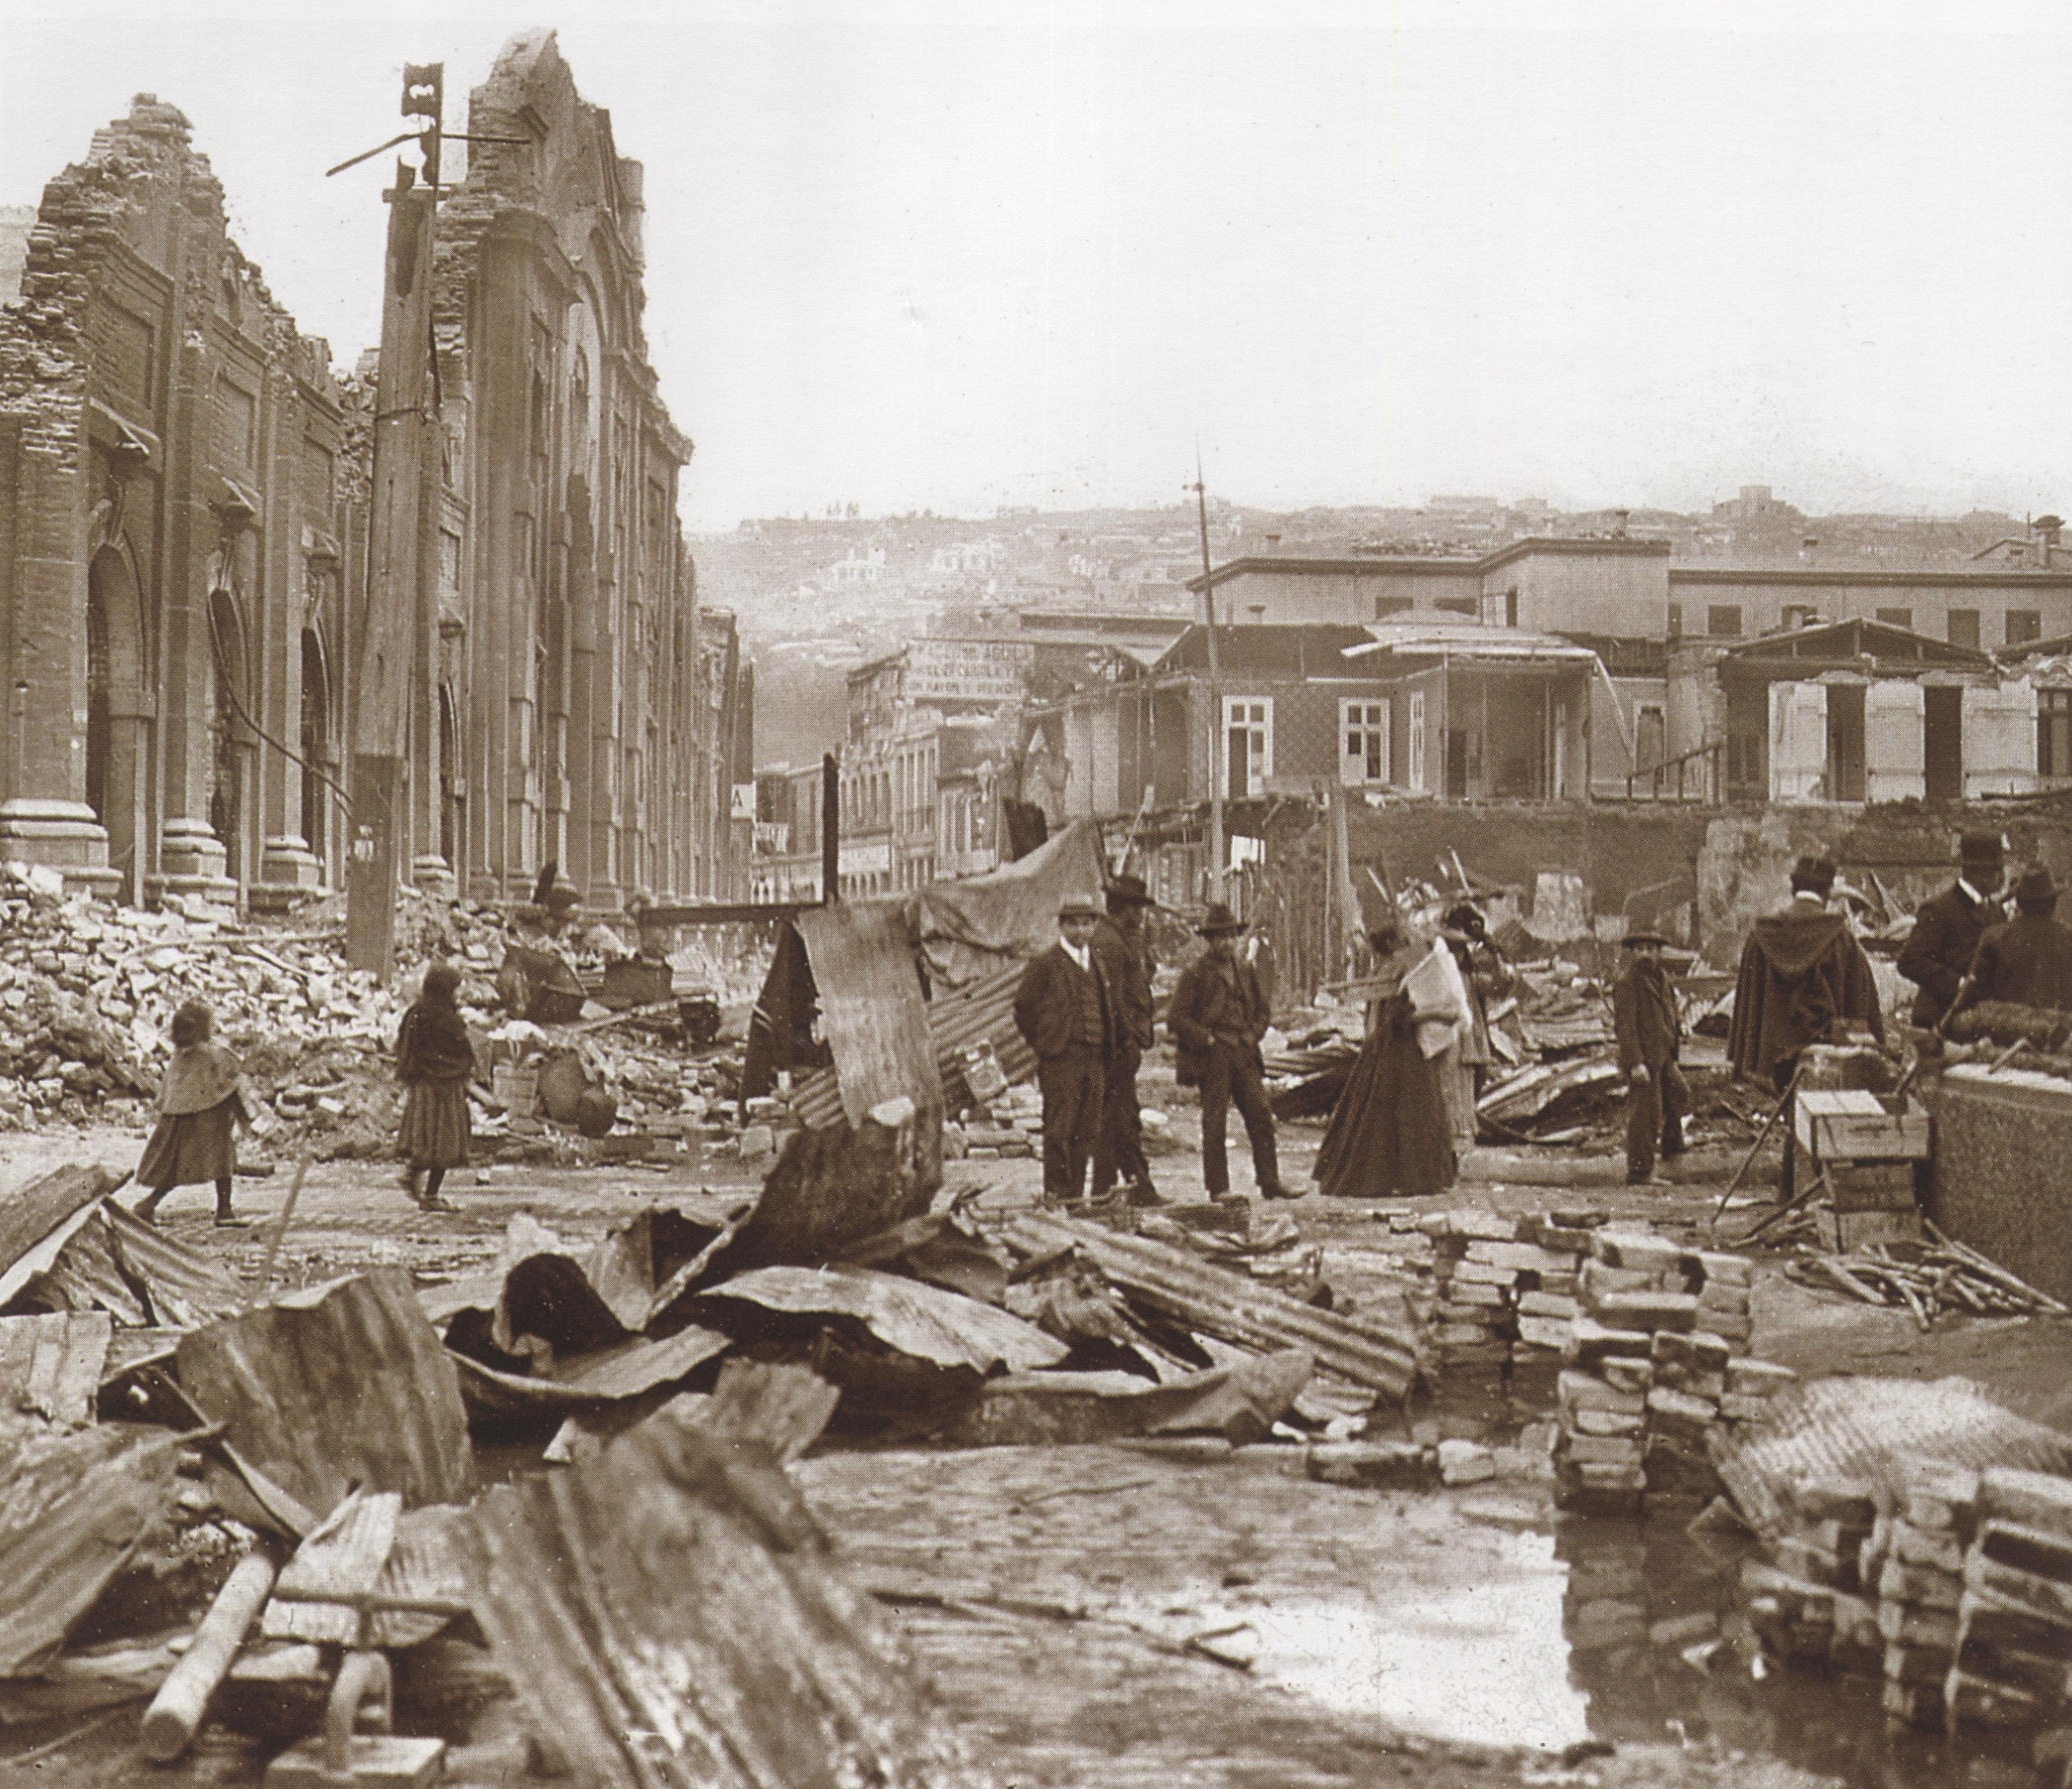 Enterreno - Fotos históricas de chile - fotos antiguas de Chile - Valparaíso luego del terremoto de 1906